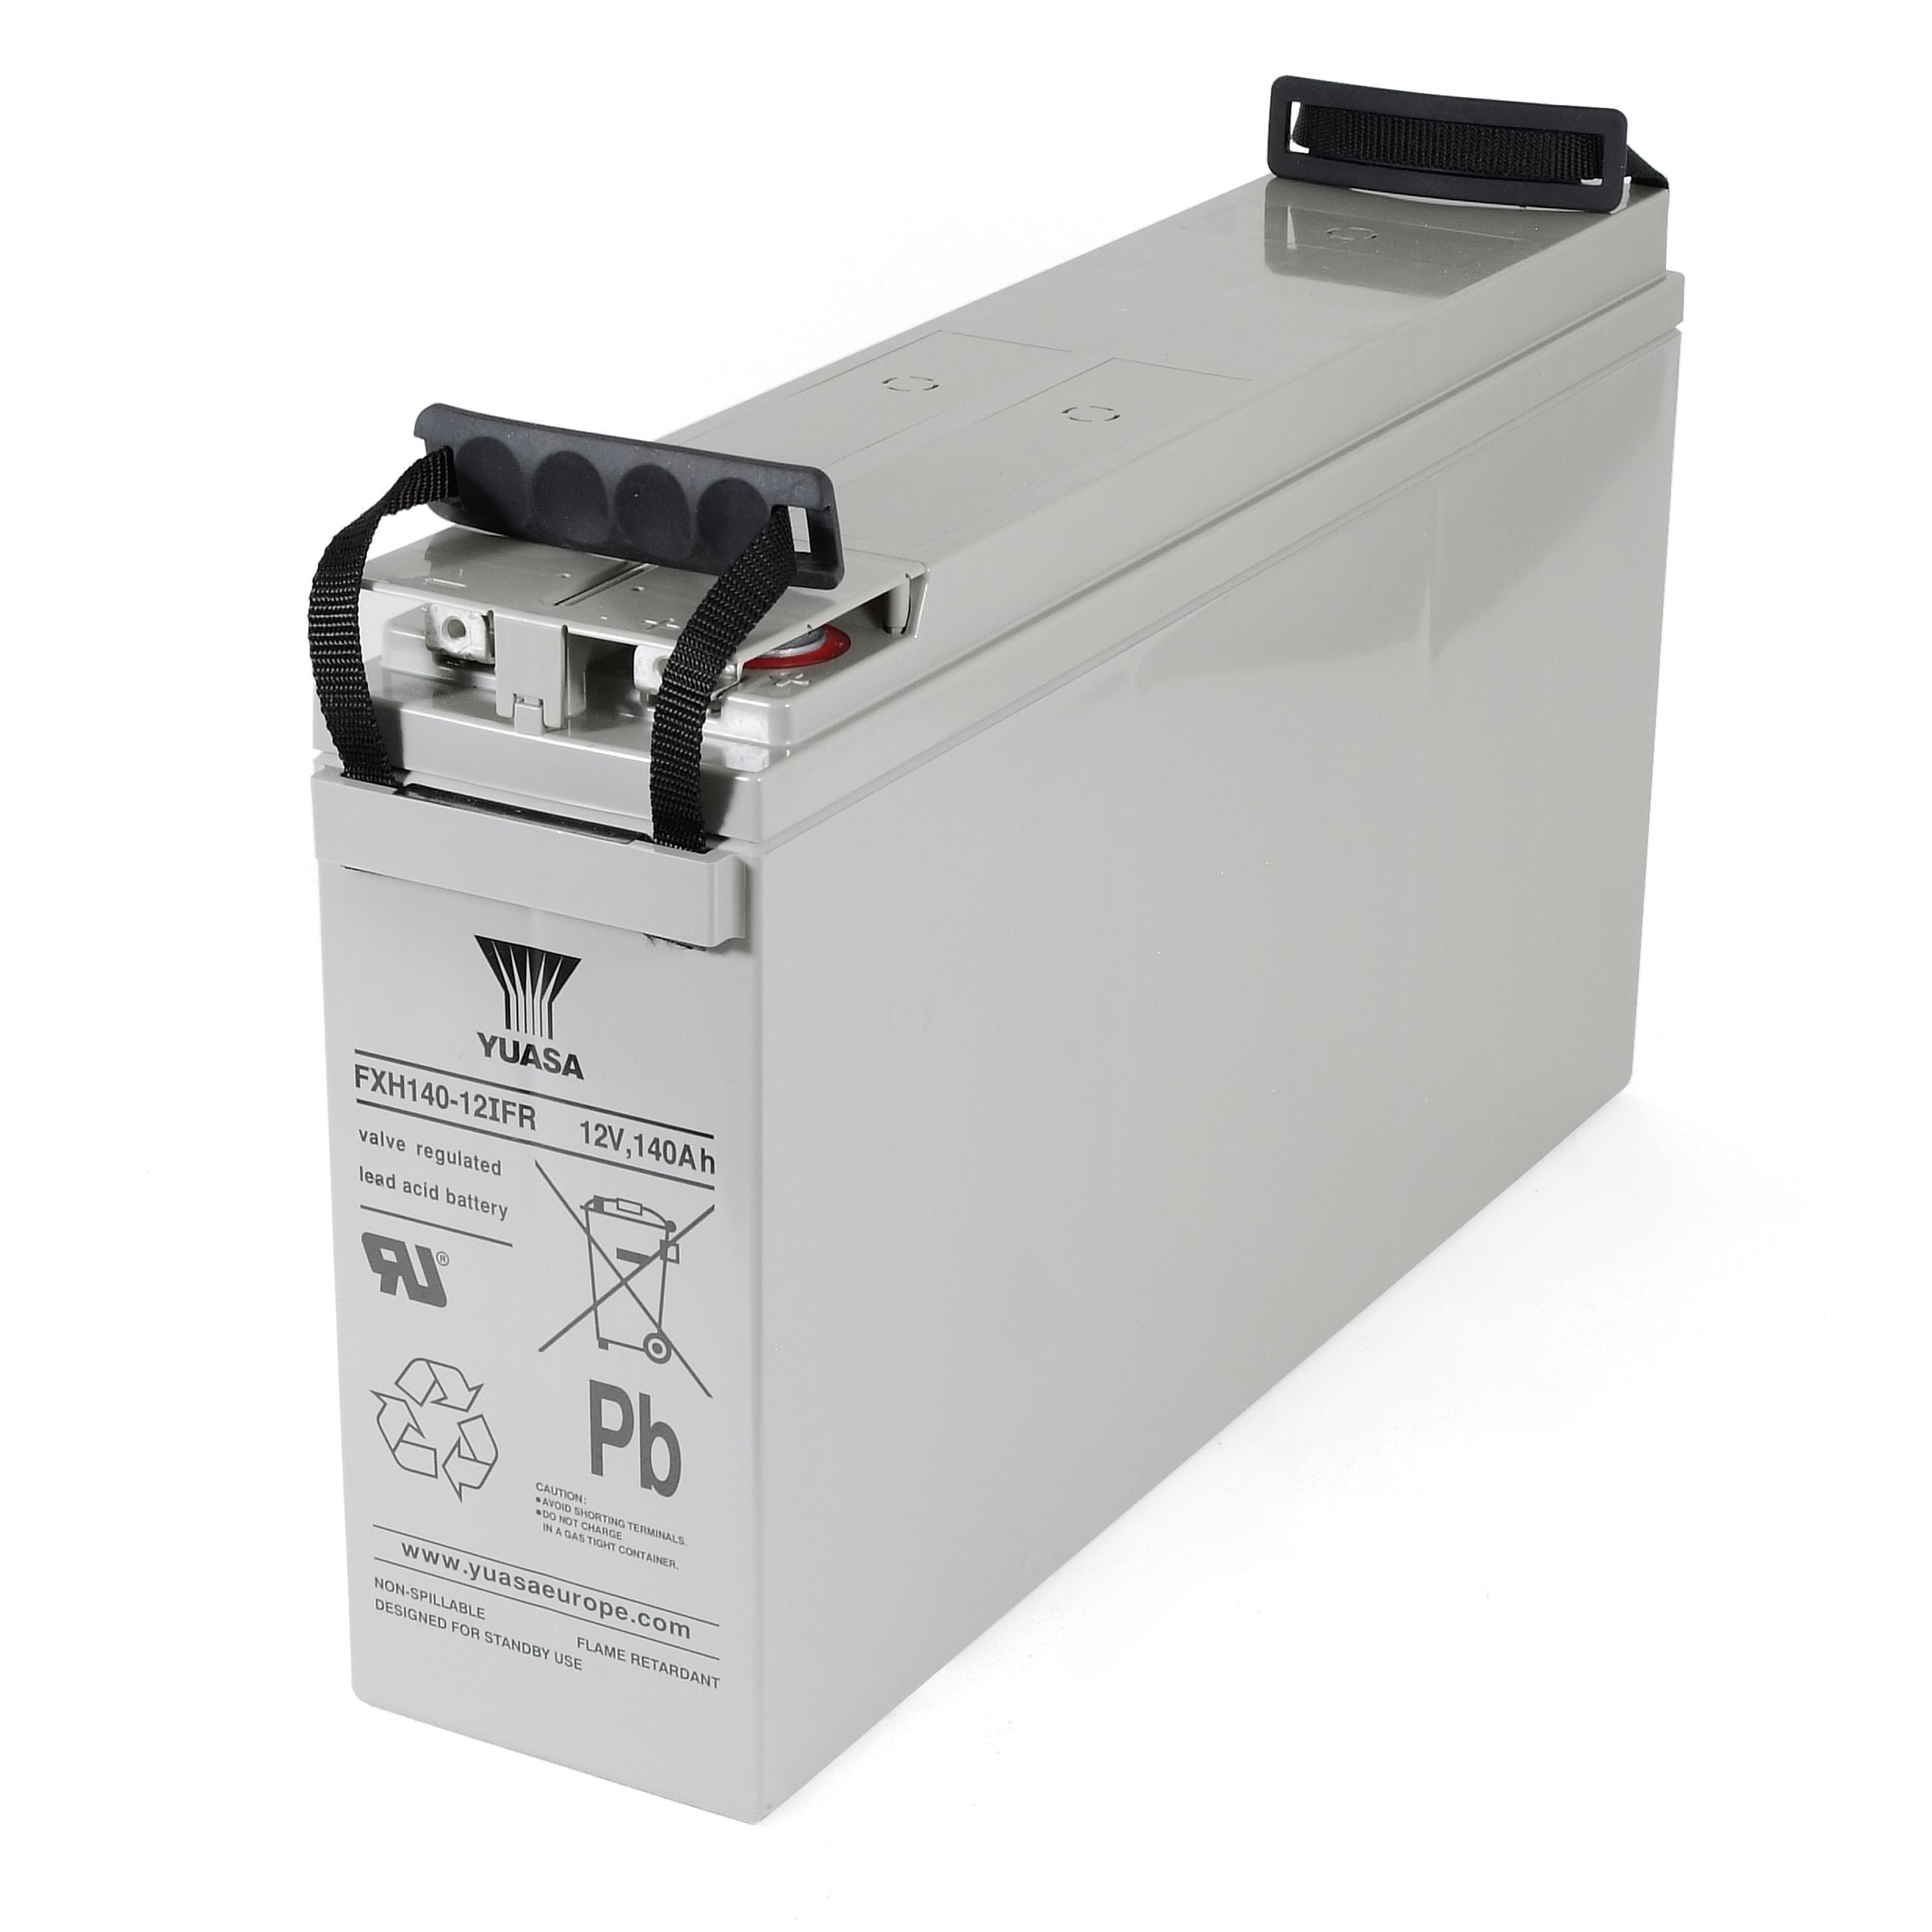 原装YUASA蓄电池629SHD 12V180AH现货包邮